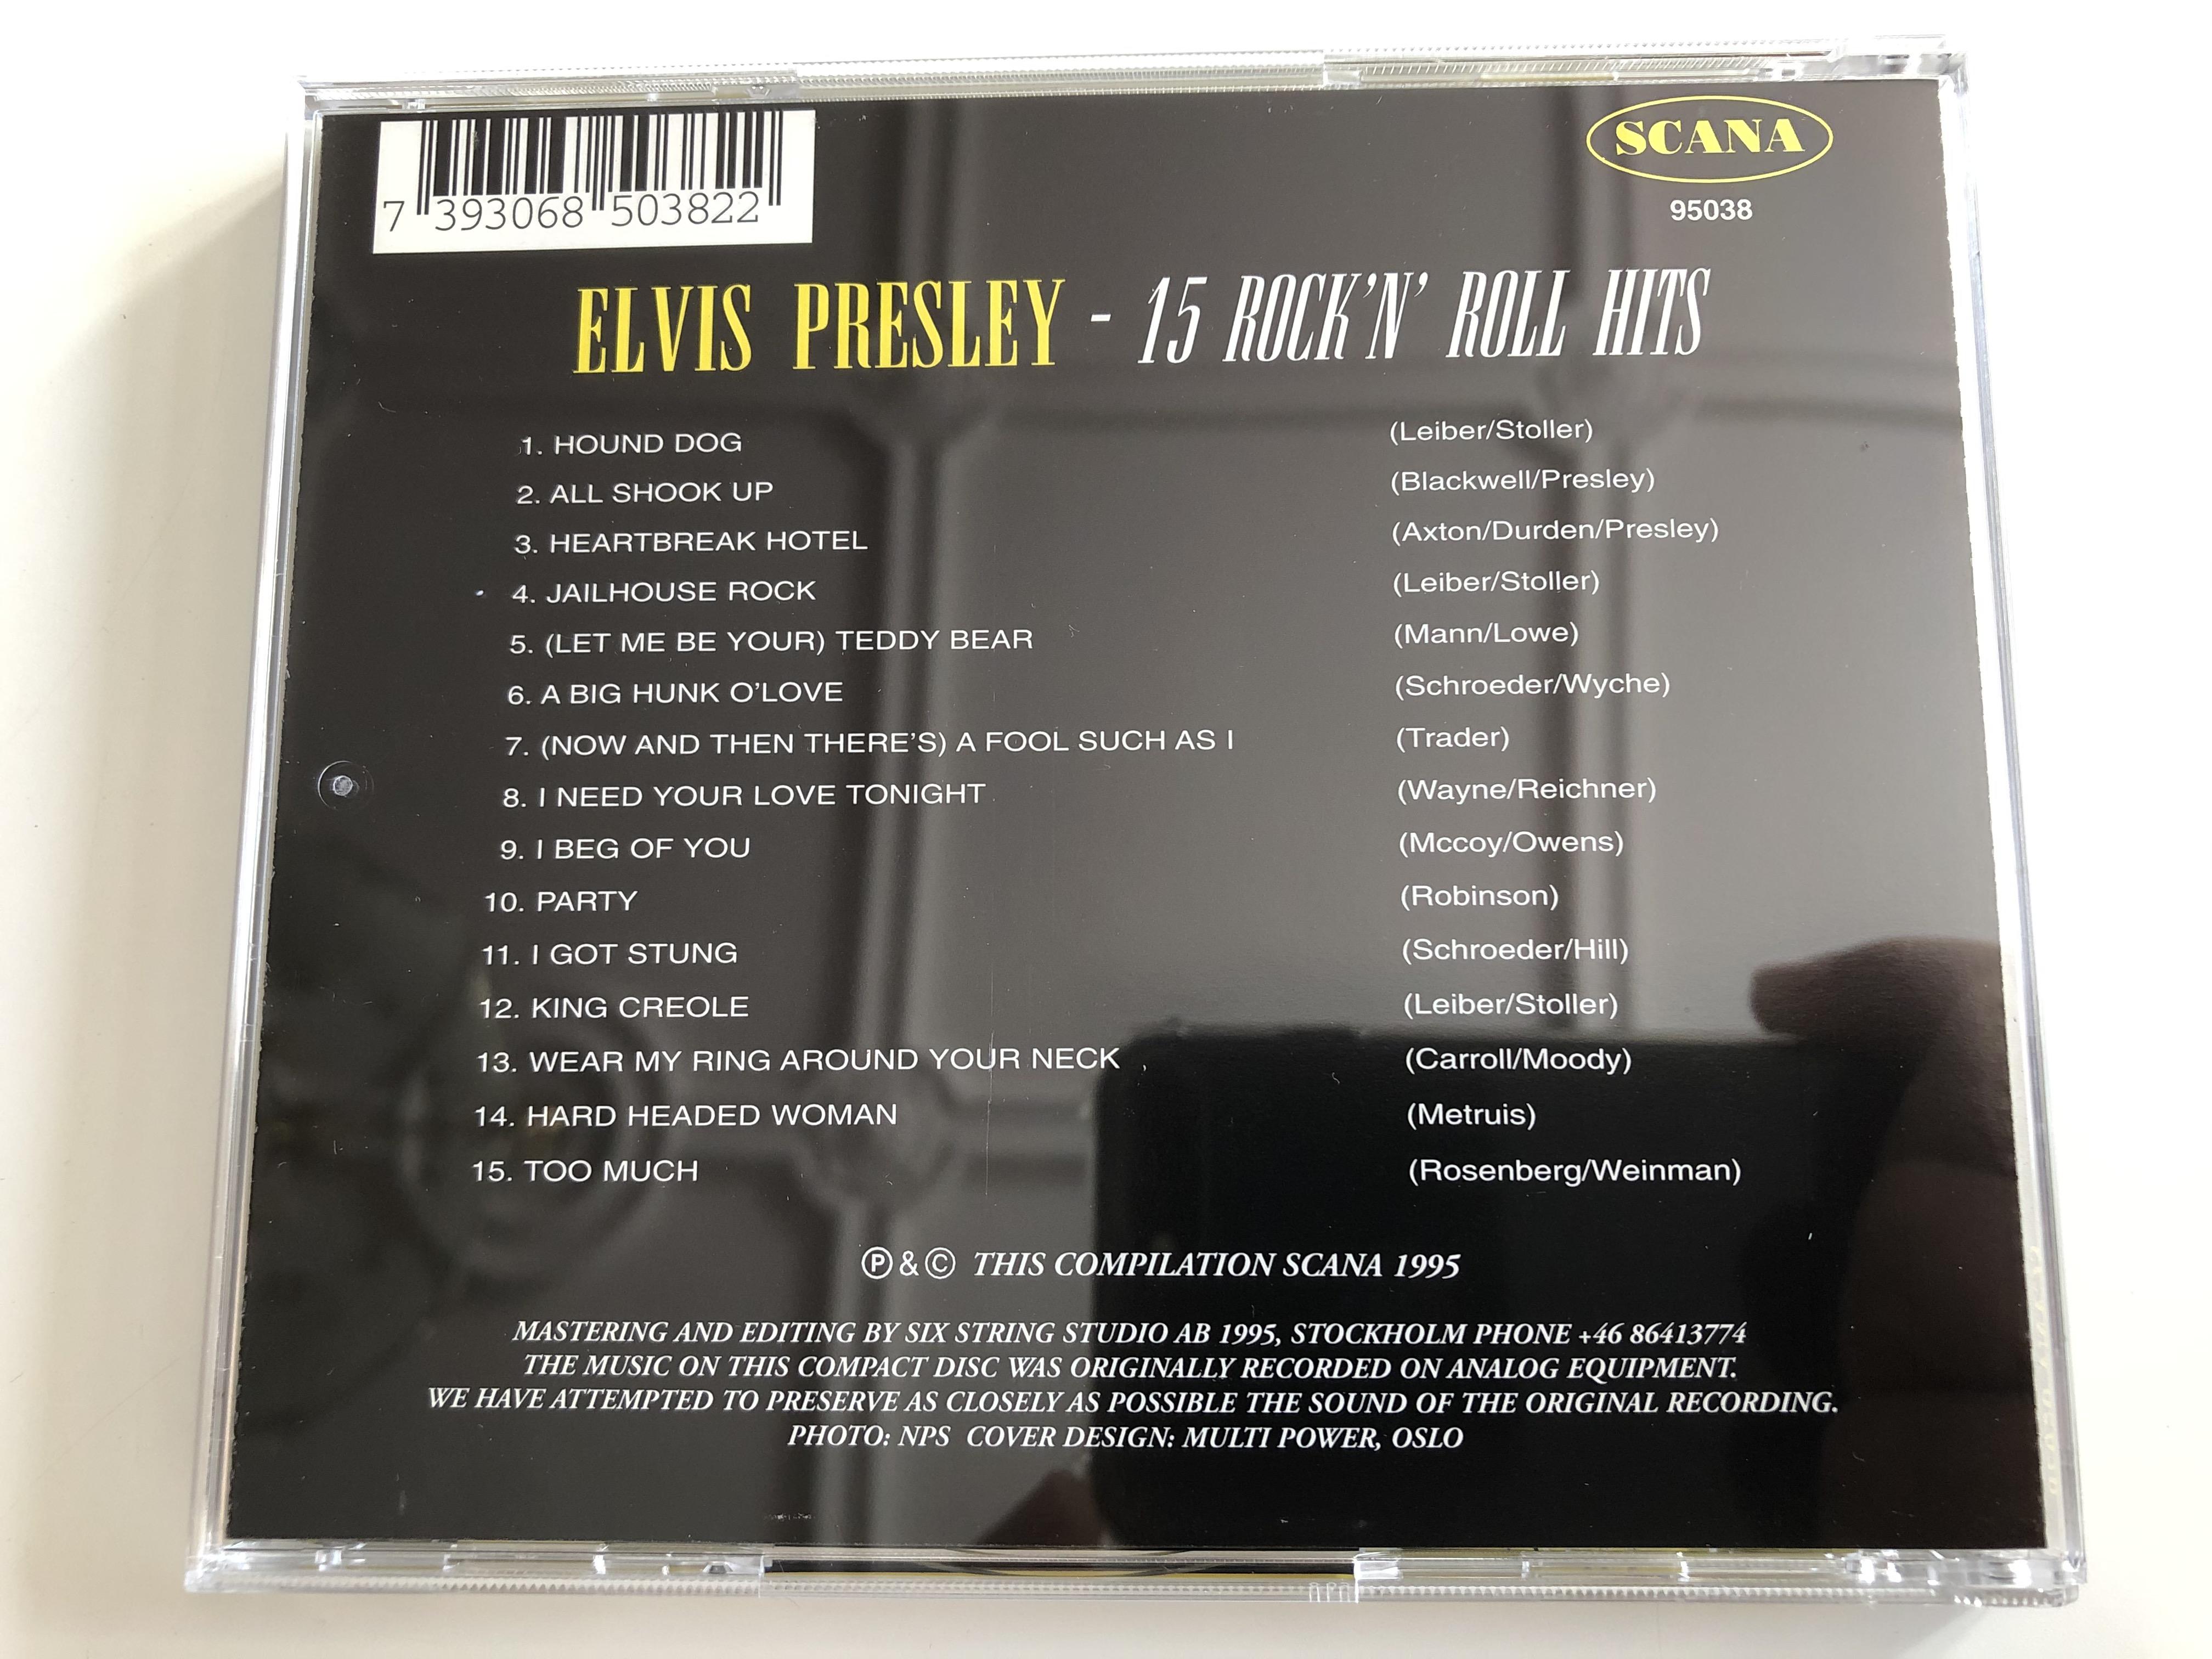 elvis-presley-15-rock-n-roll-hits-scana-audio-cd-1995-95038-4-.jpg